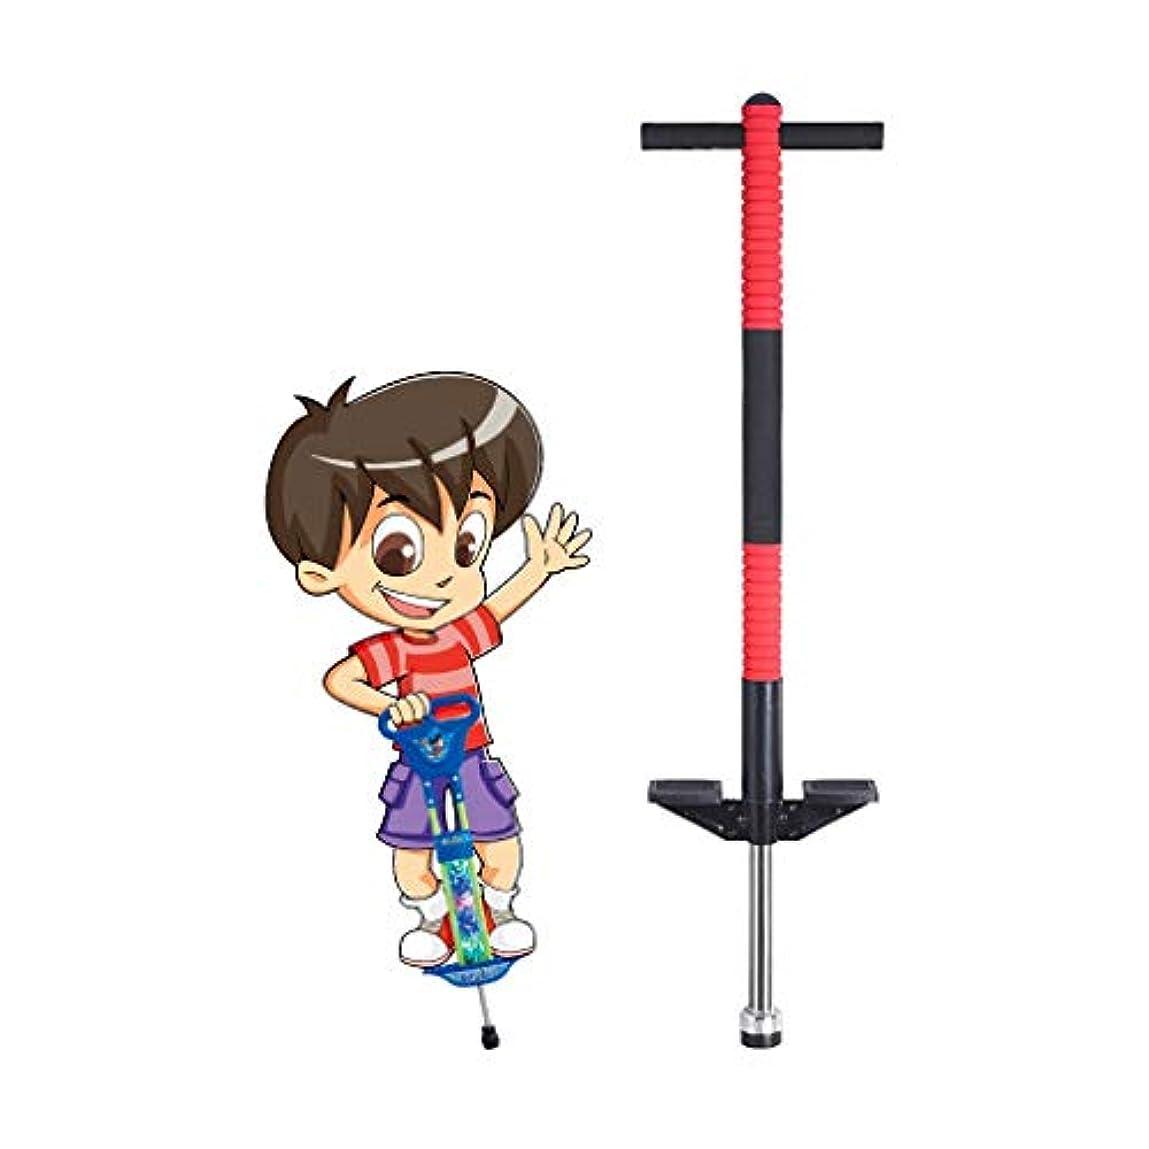 ロッカー拮抗微妙GUU 子供のためのジャンプバウンススティックおもちゃ 6-12歳の男の子と女の子のためのバウンススティック 室内おもちゃ 無料インストール 開梱して遊ぶことができます (Color : Red)